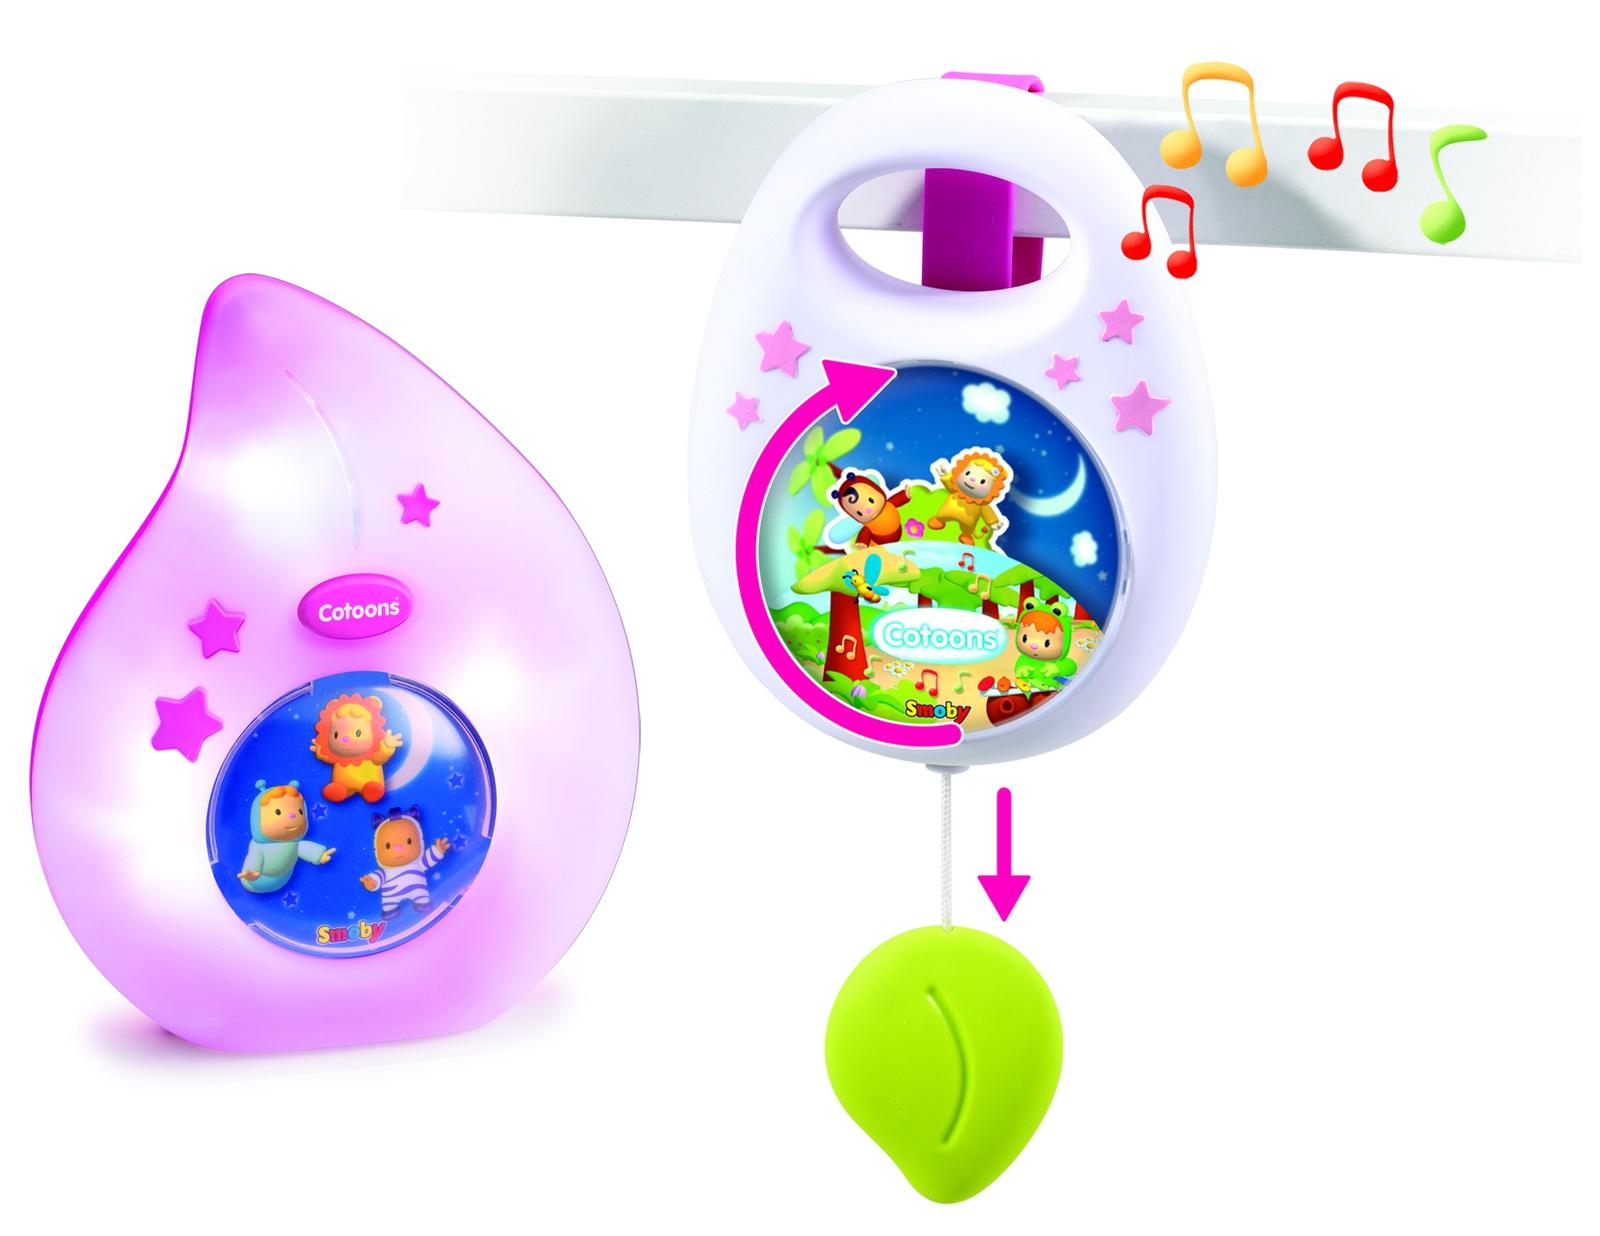 Фото - Набор для сна Cotoons: Музыкальная подвеска и ночничок розовый smoby ночник cotoons цвет розовый